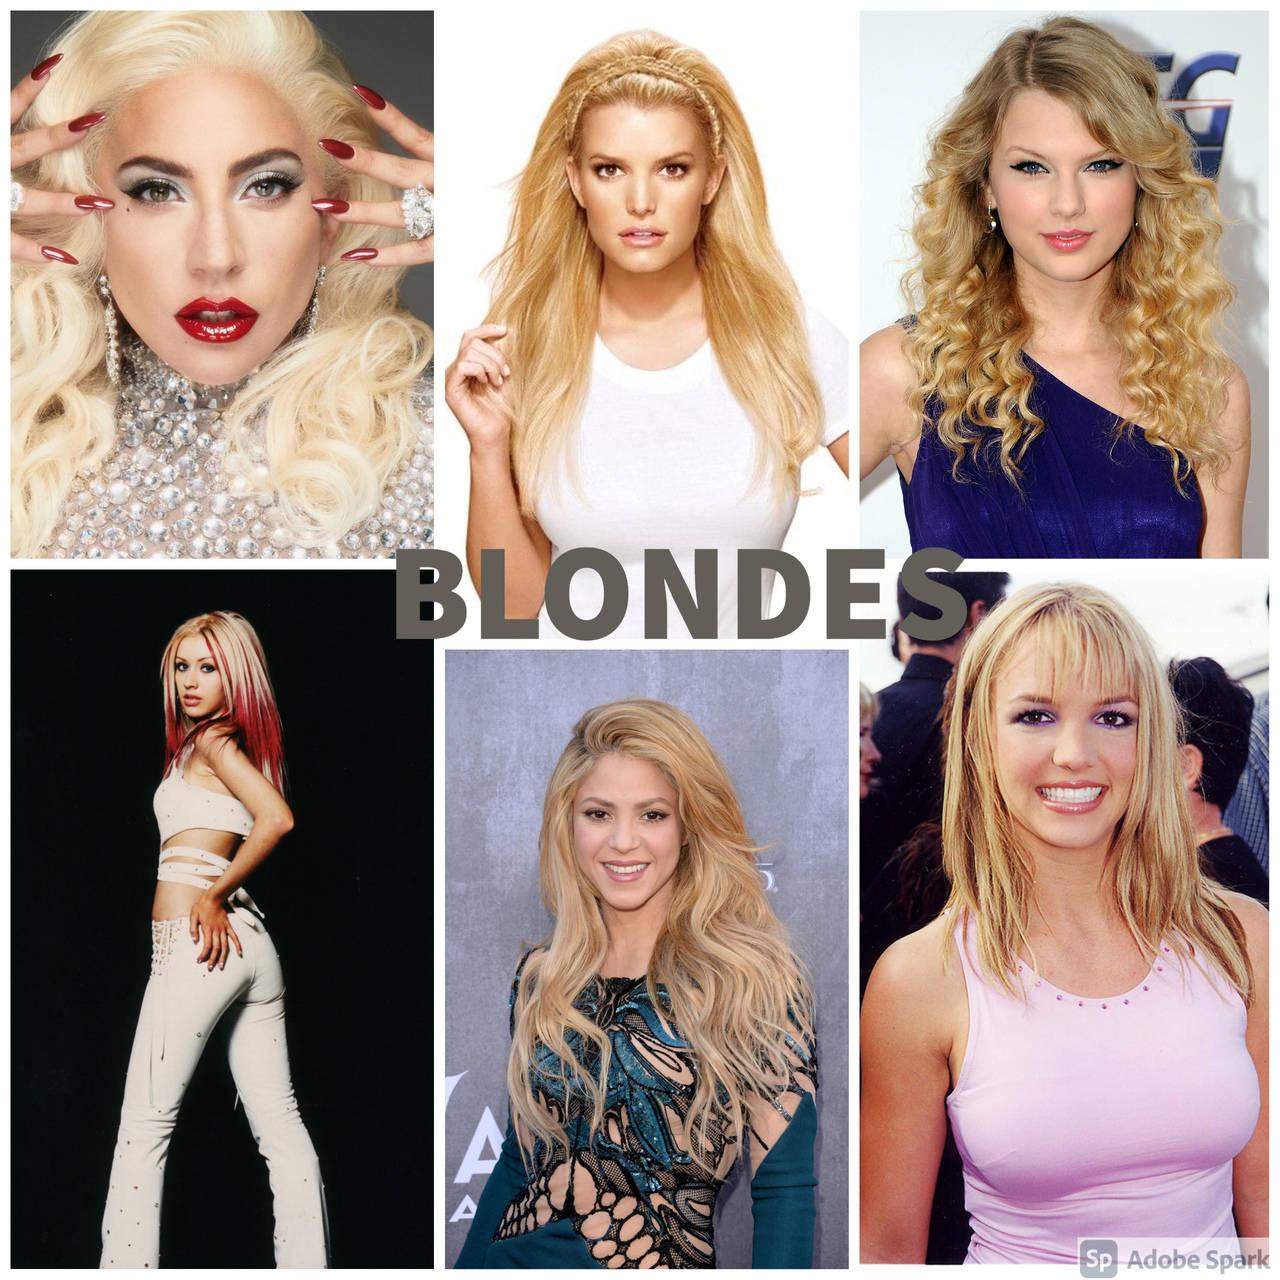 Blonde singers